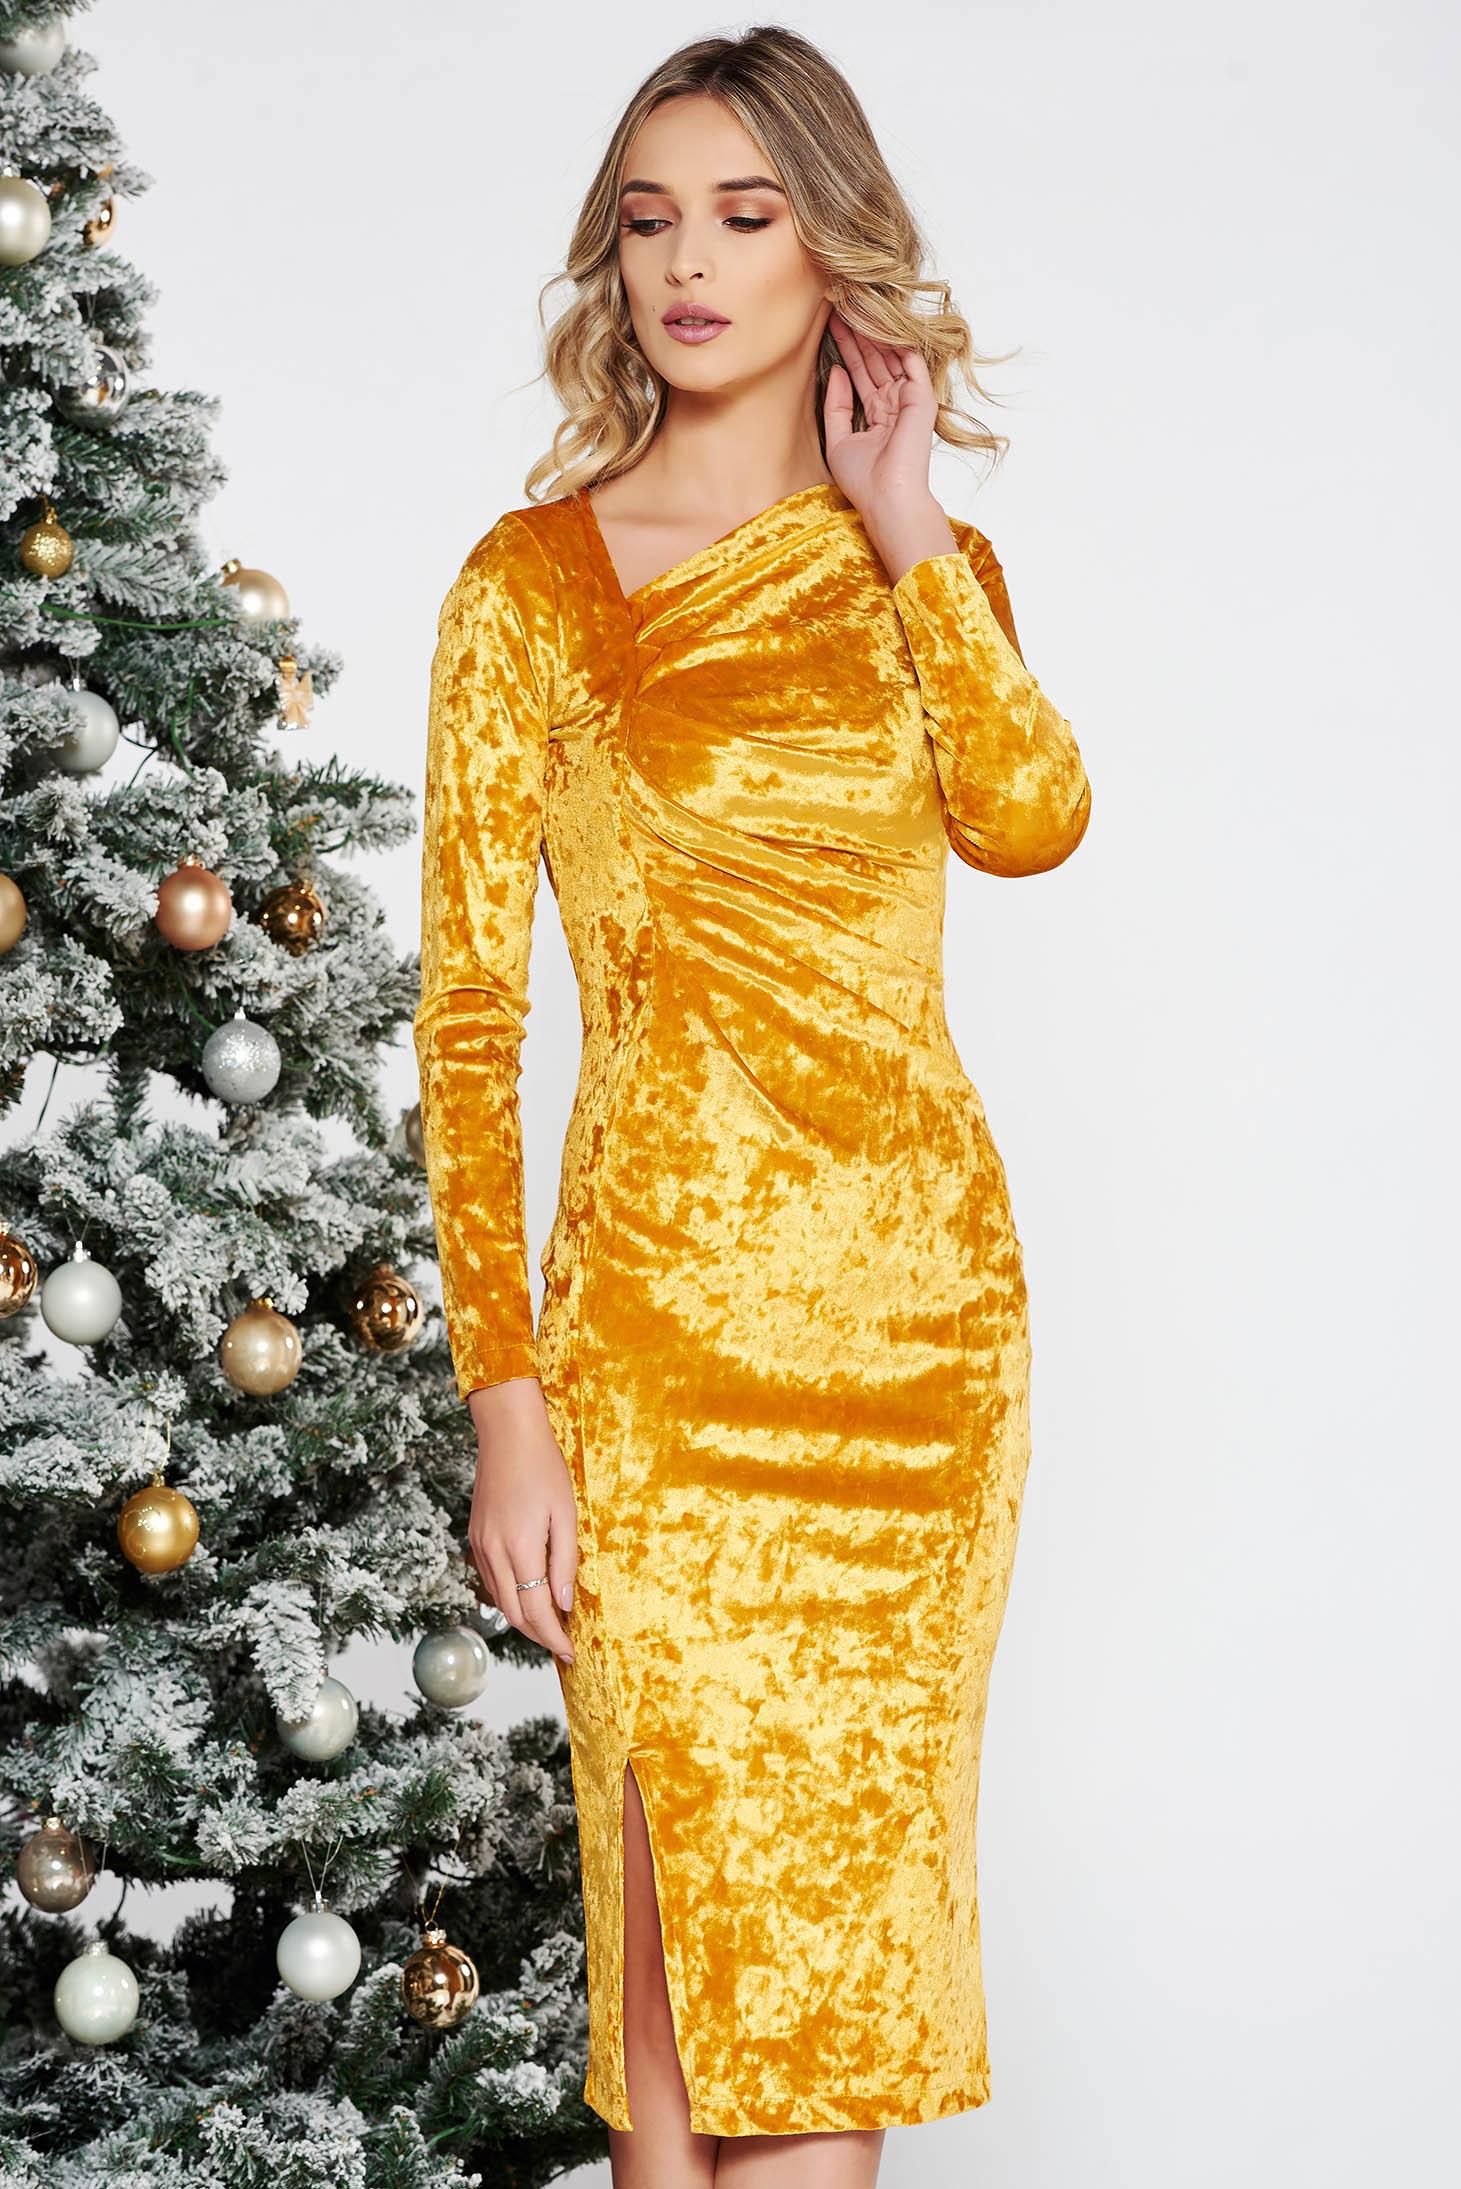 Arany StarShinerS alkalmi midi bársony ruha szűk szabás belső béléssel 68a7bf65a1